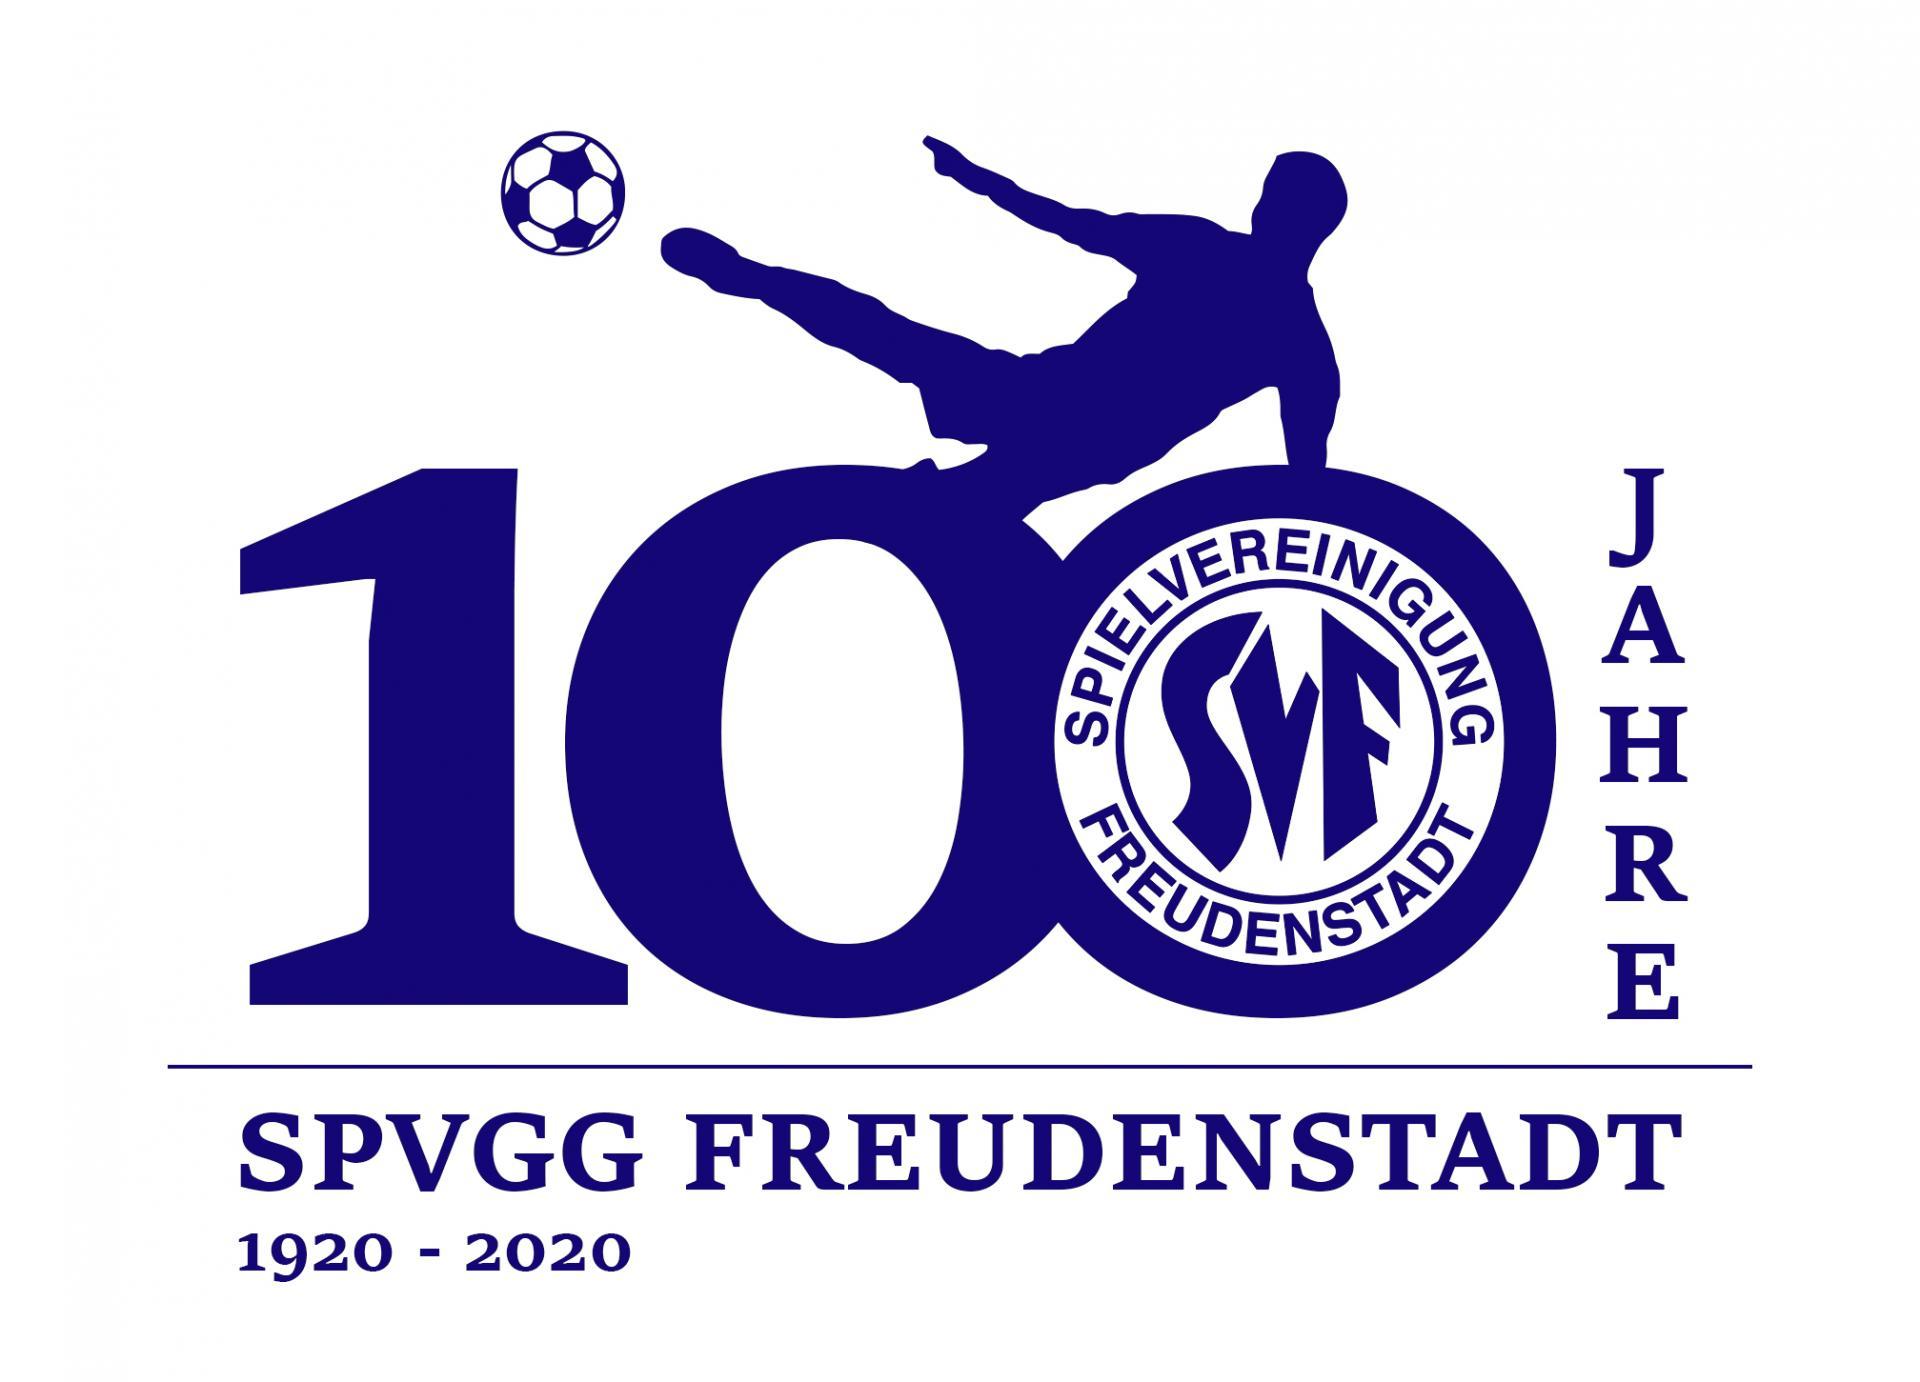 Bild der Meldung: --- Festivitäten zum 100jährigen Jubiläum unserer Spvgg Freudenstadt ins Jahr 2021 verlegt ---